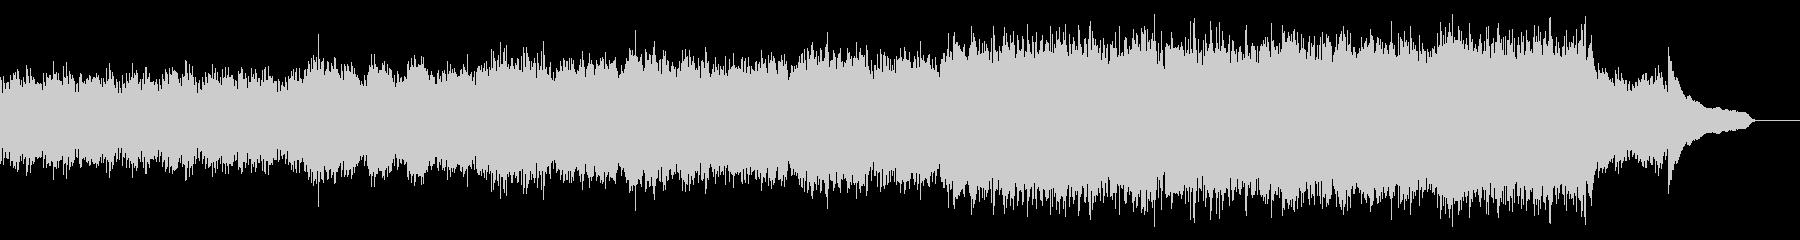 企業VP映像、103オーケストラ、爽快bの未再生の波形